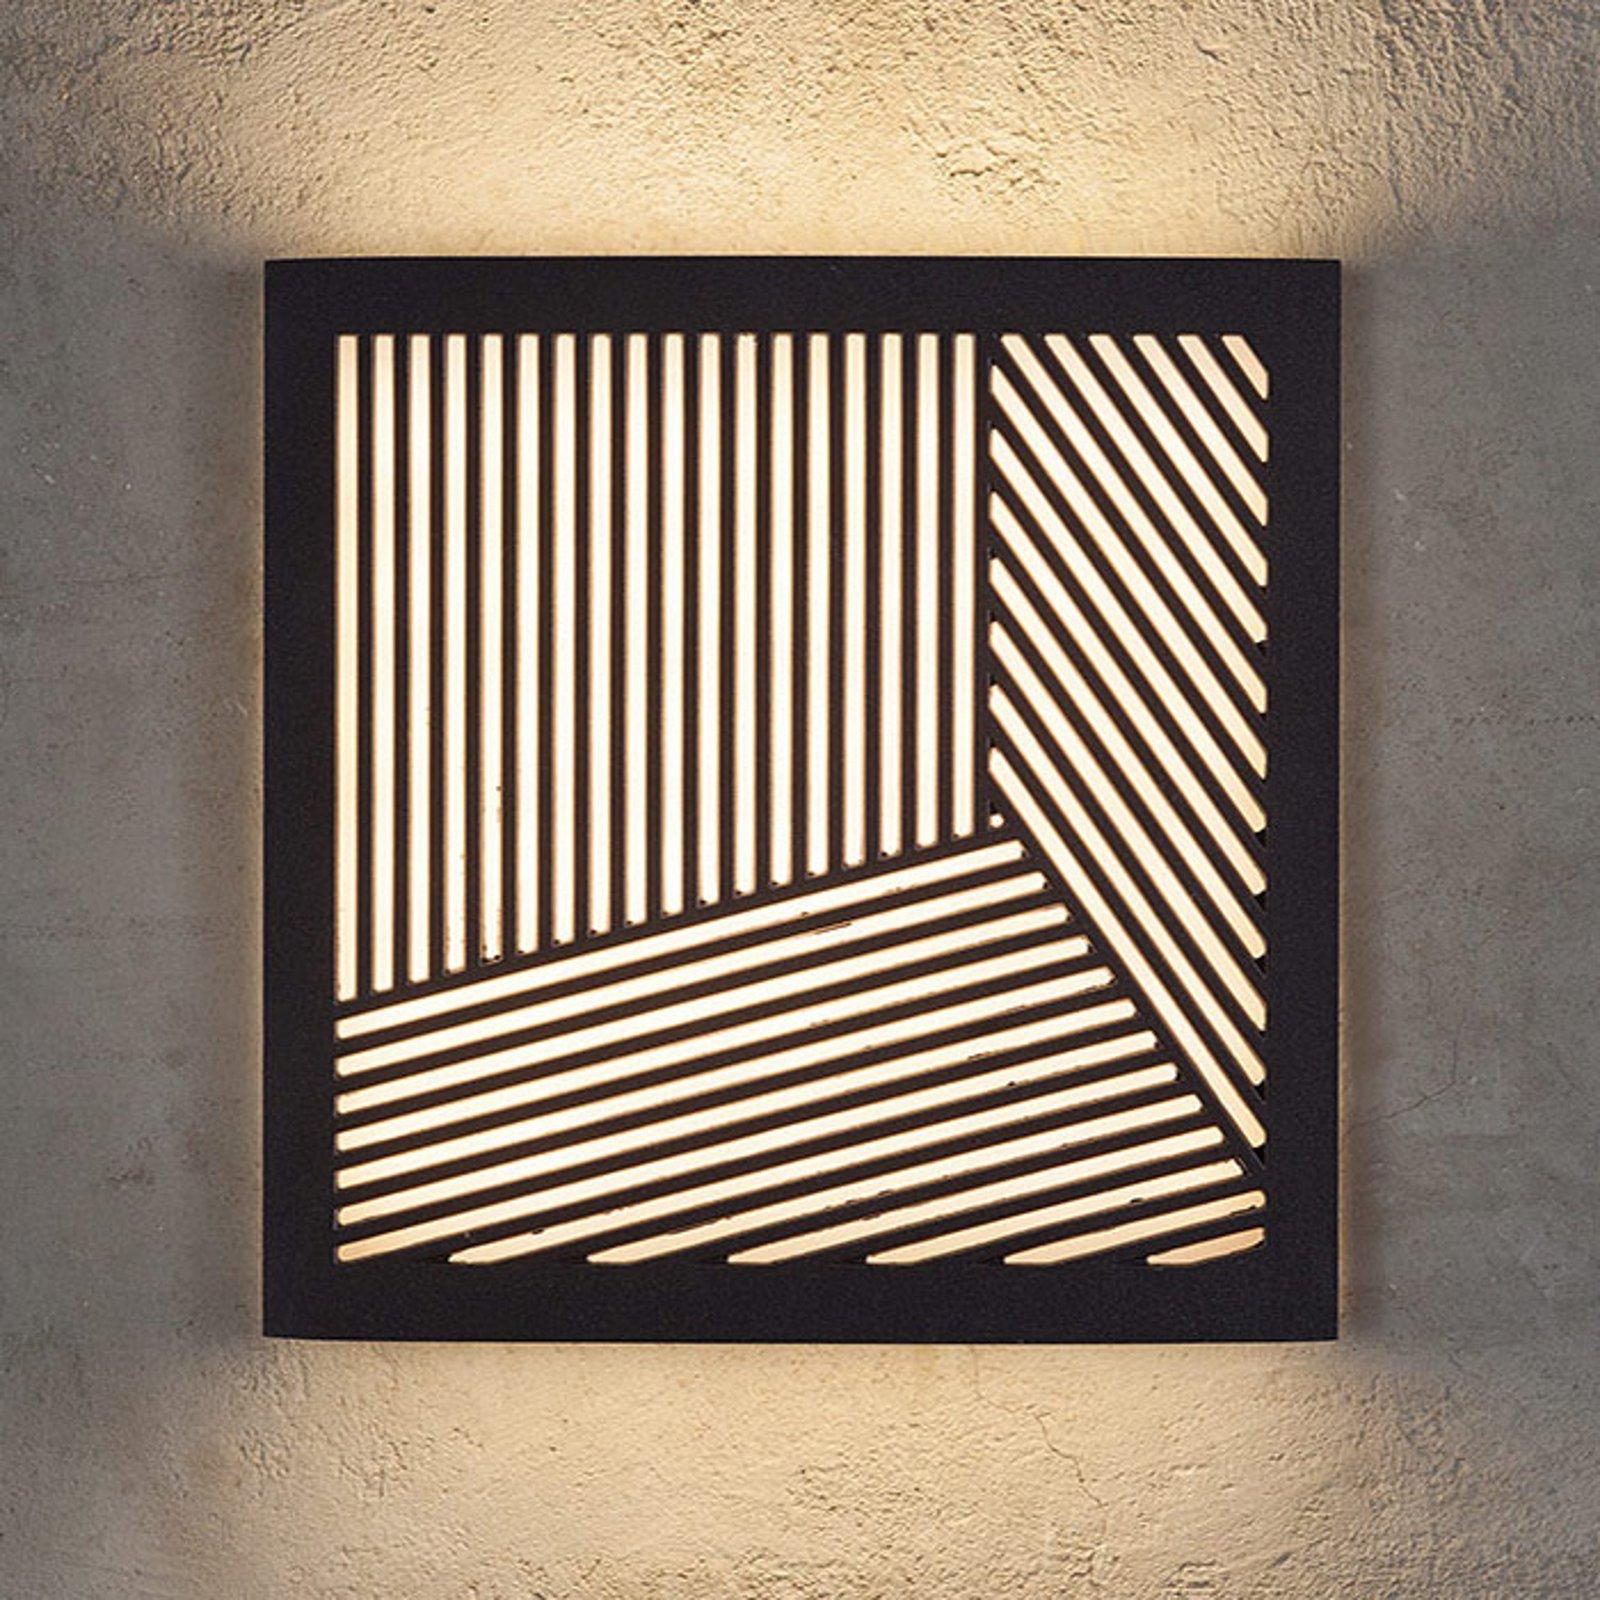 Utendørs LED-vegglampe Maze Straight i svart